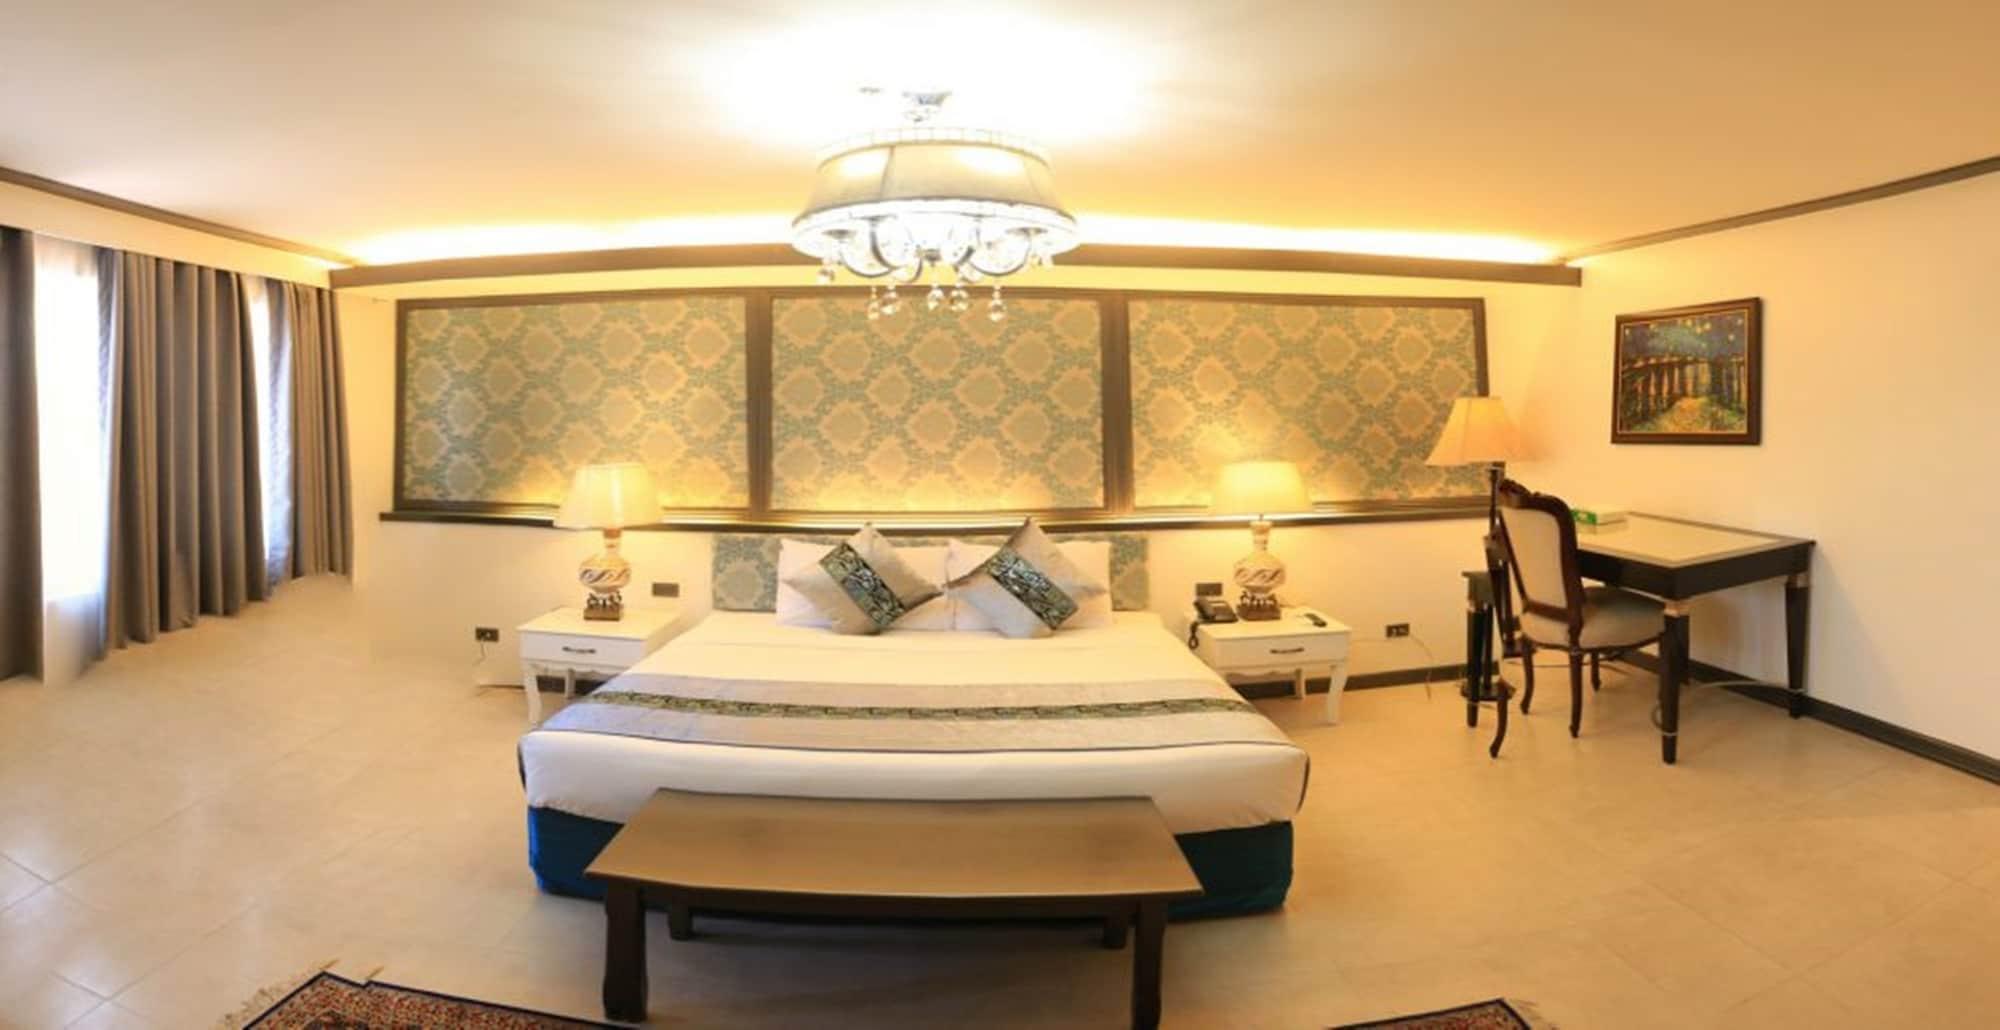 The Pepperland Hotel, Legazpi City